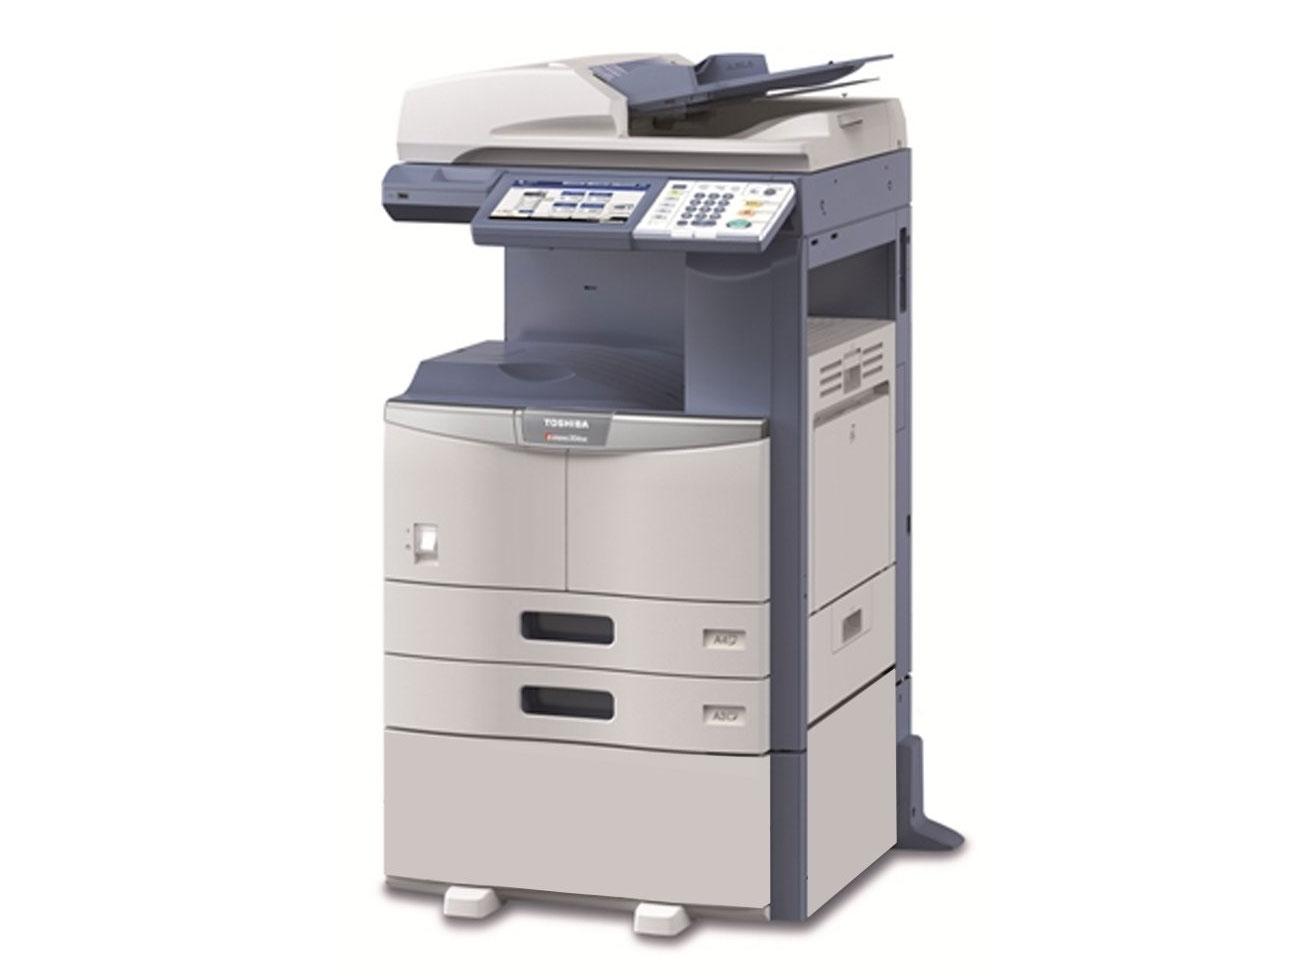 Fotocopiadora e-STUDIO 457 usada